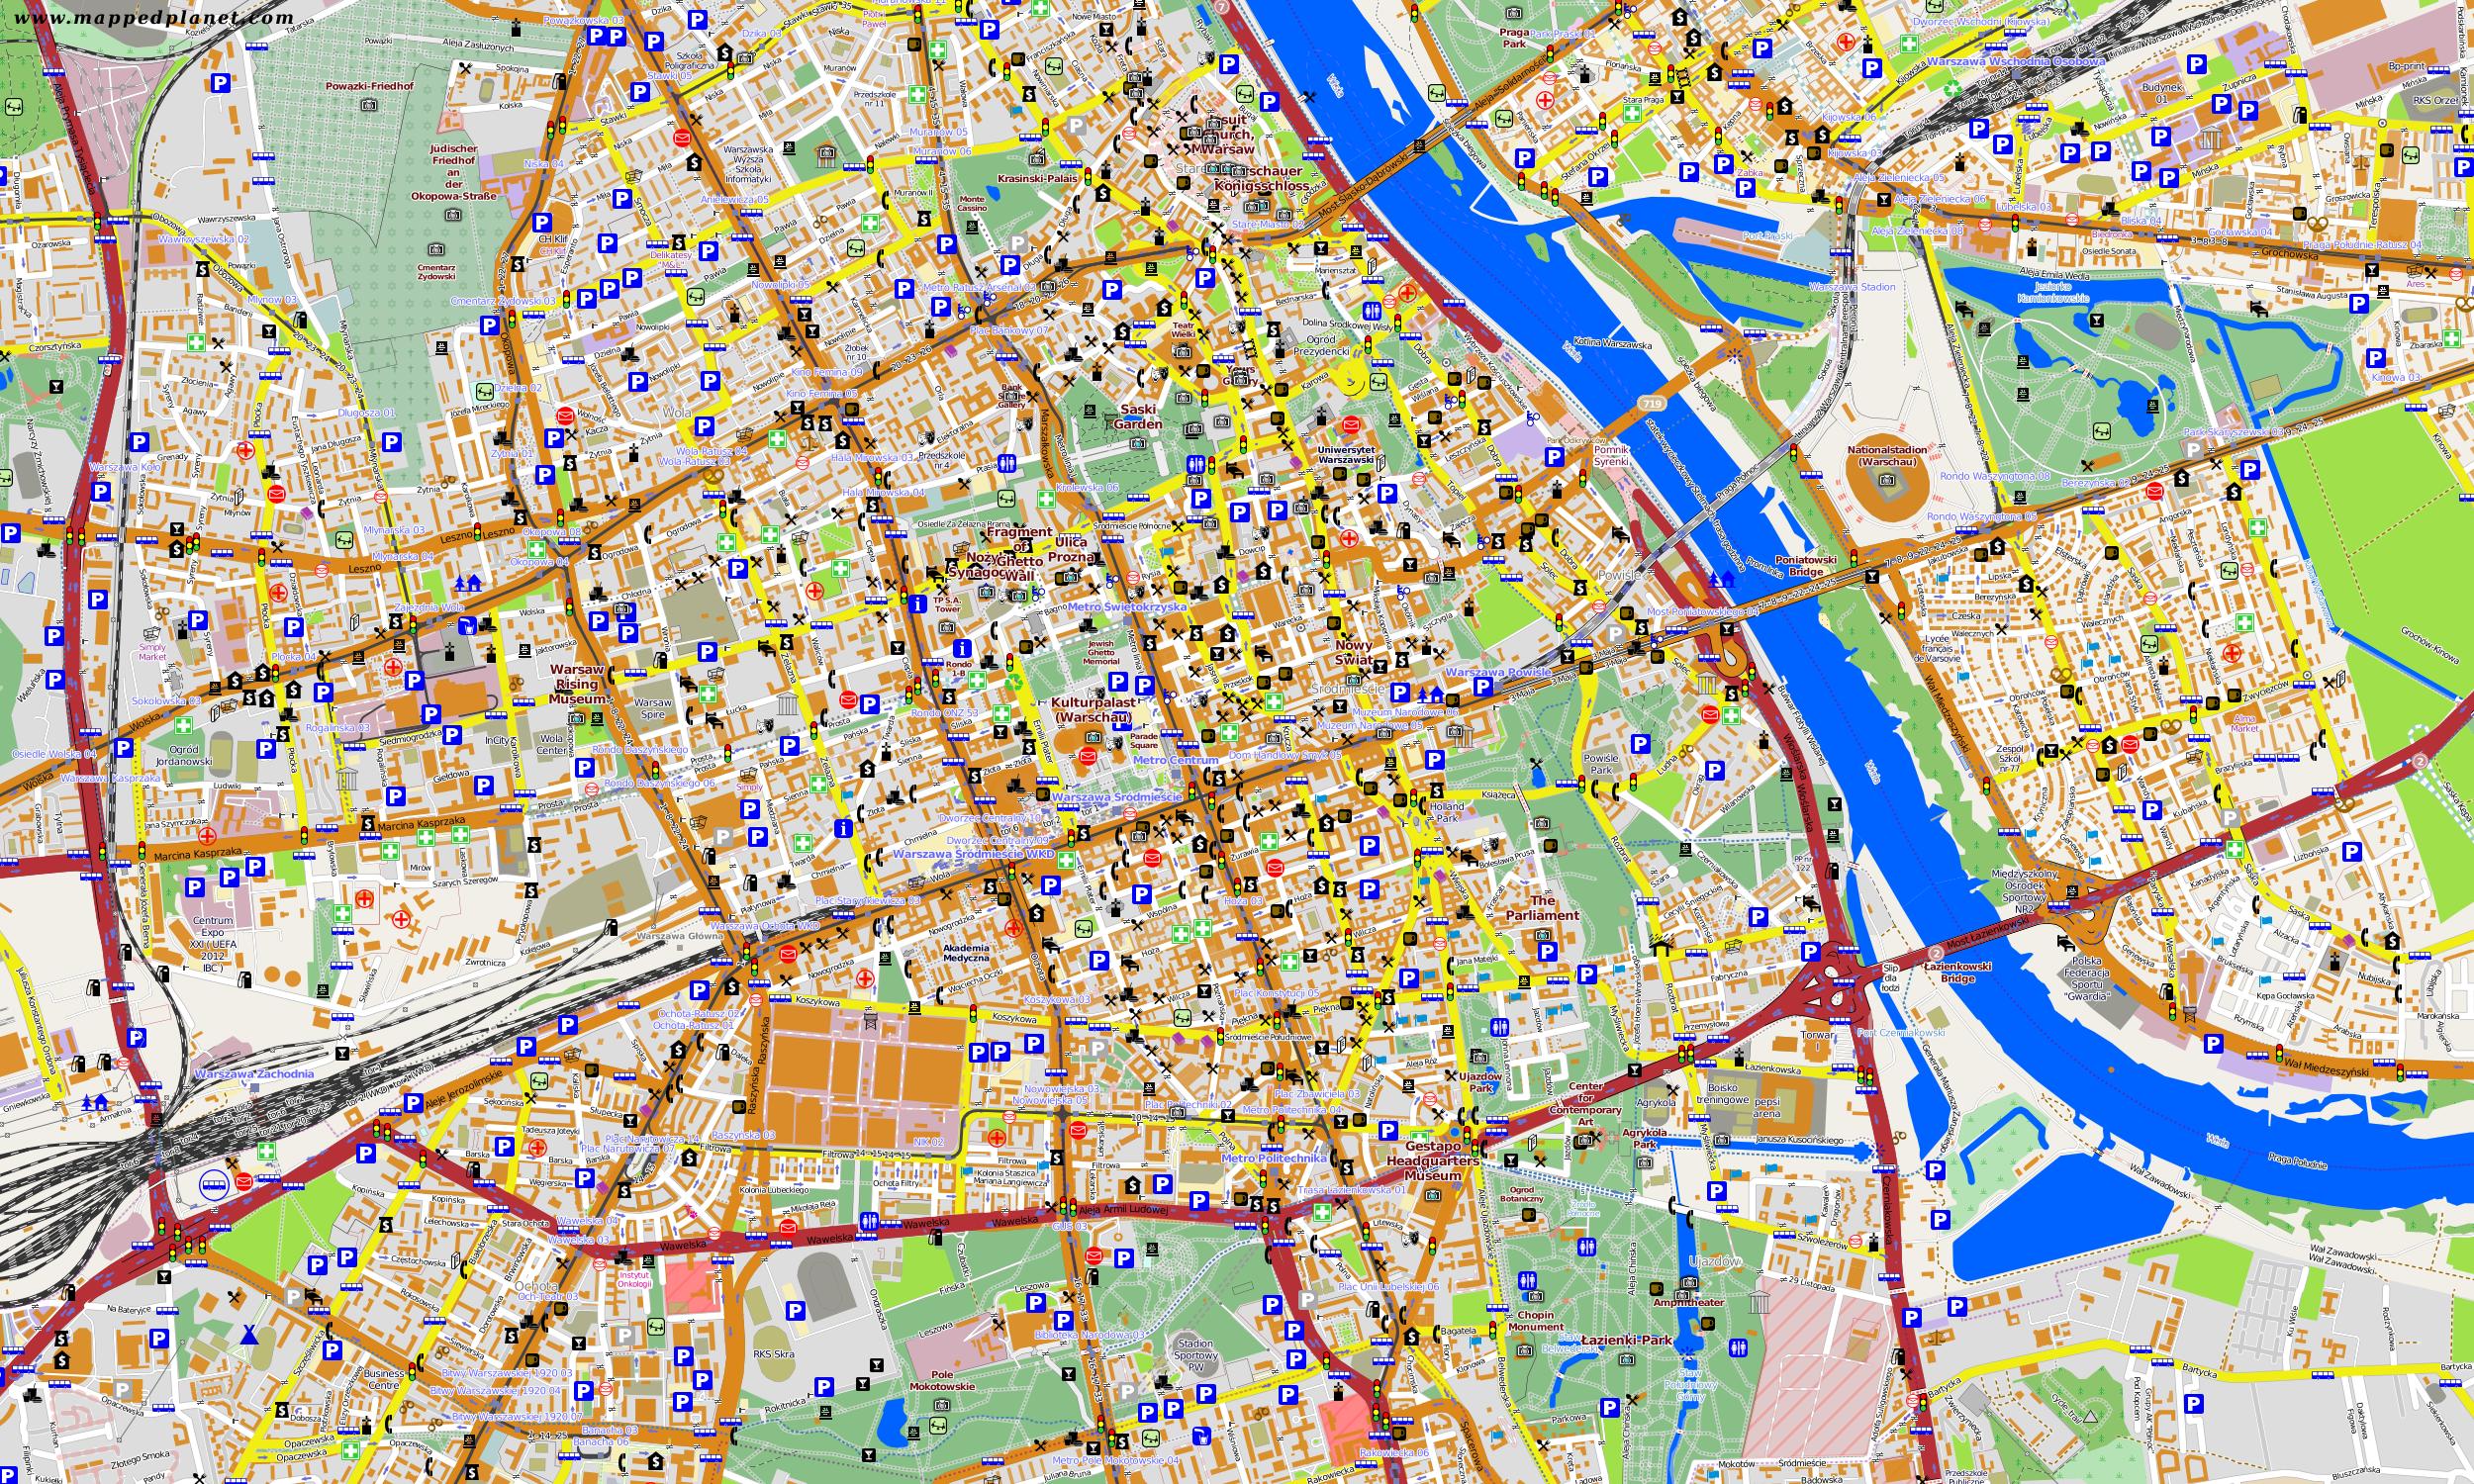 универсальные карта варшавы с улицами и районами перед